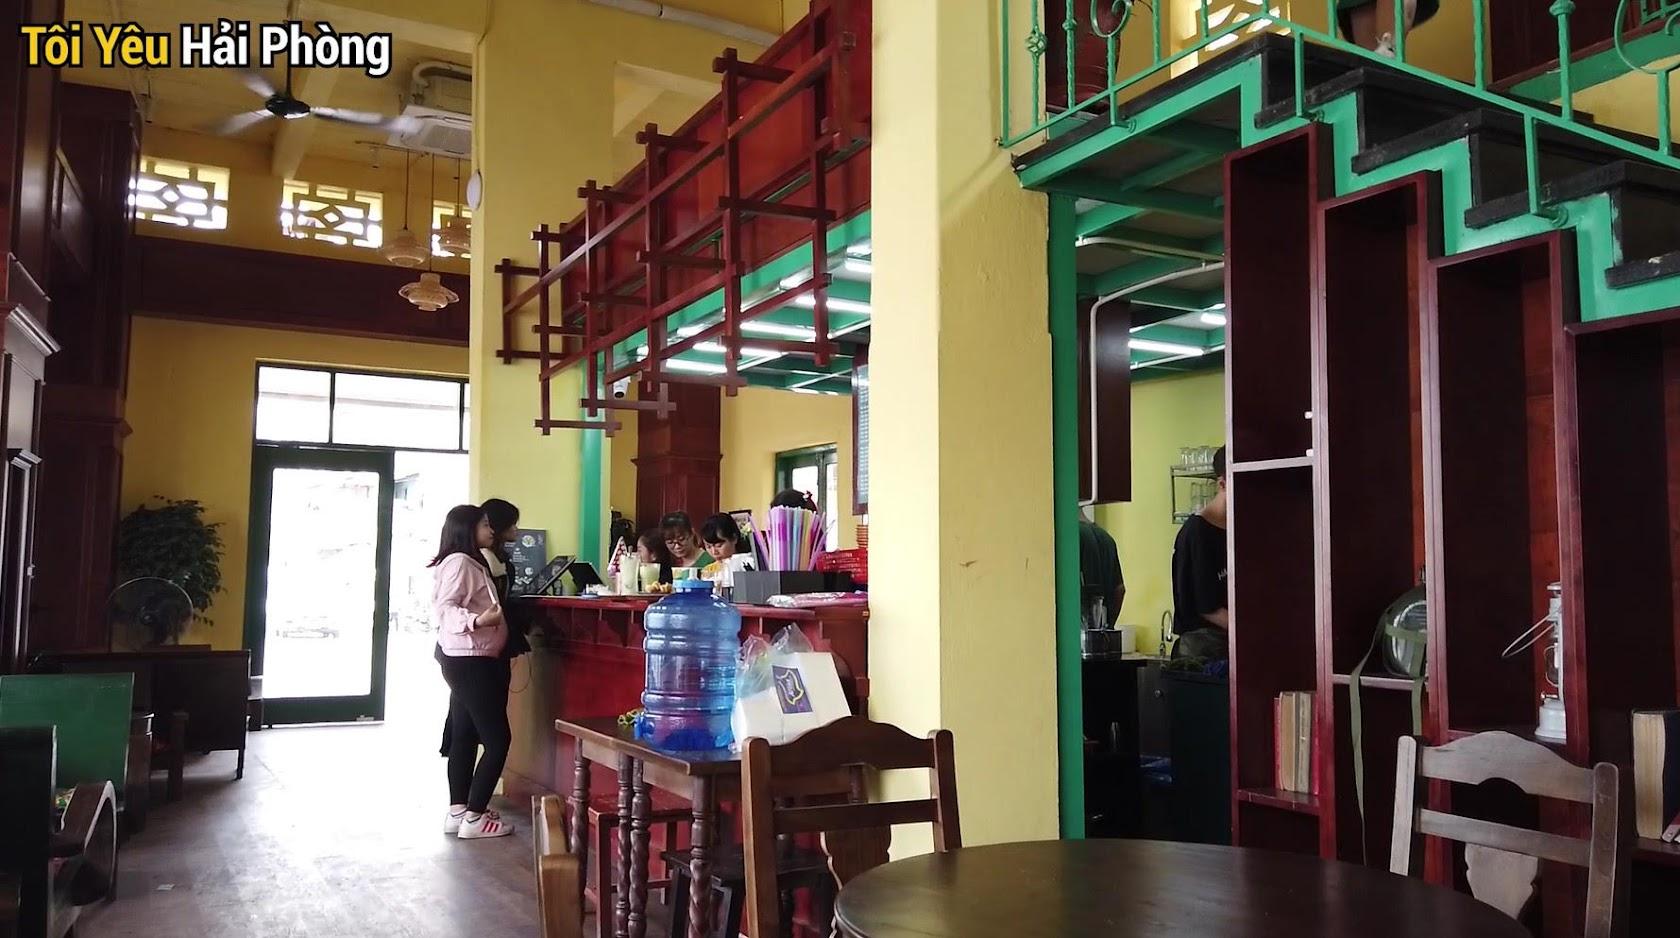 Cà phê view đẹp Bắc Việt phố đi bộ Tam Bạc ở Hải Phòng 4